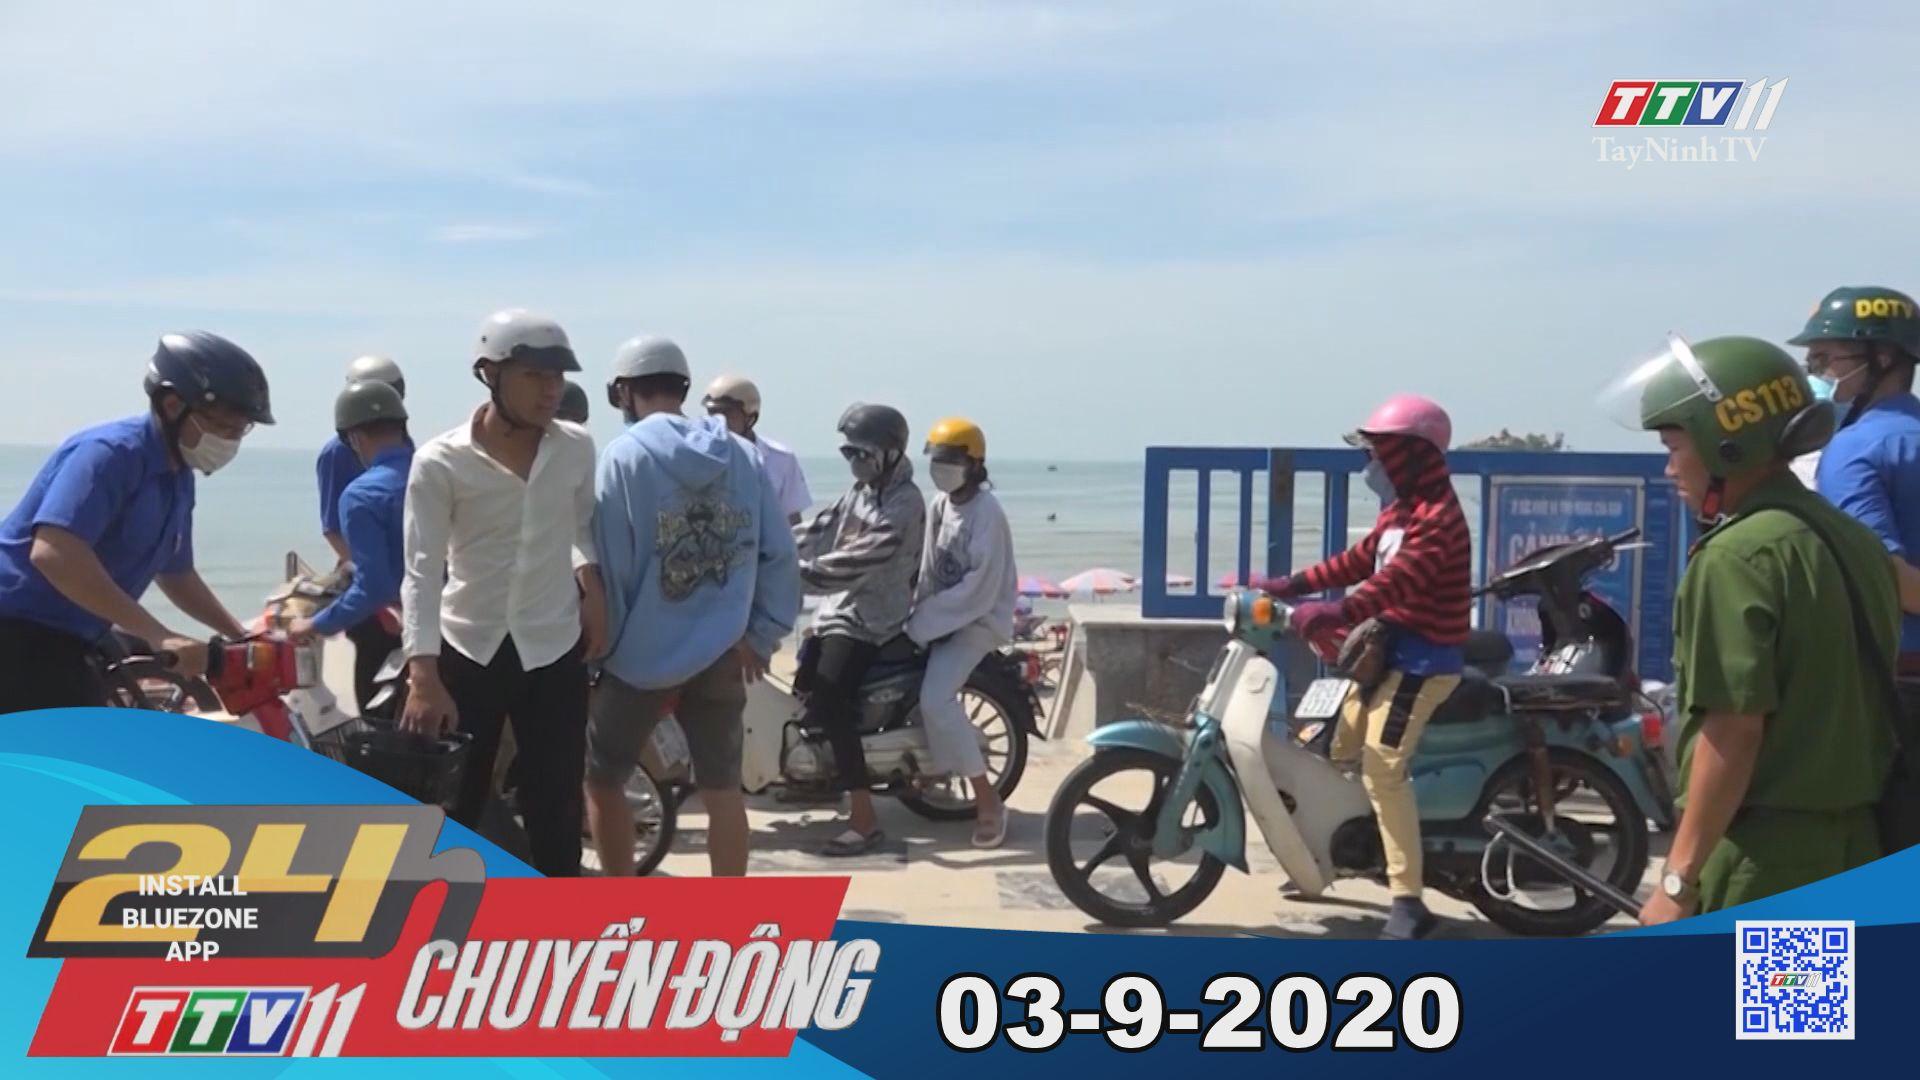 24h Chuyển động 03-9-2020 | Tin tức hôm nay | TayNinhTV